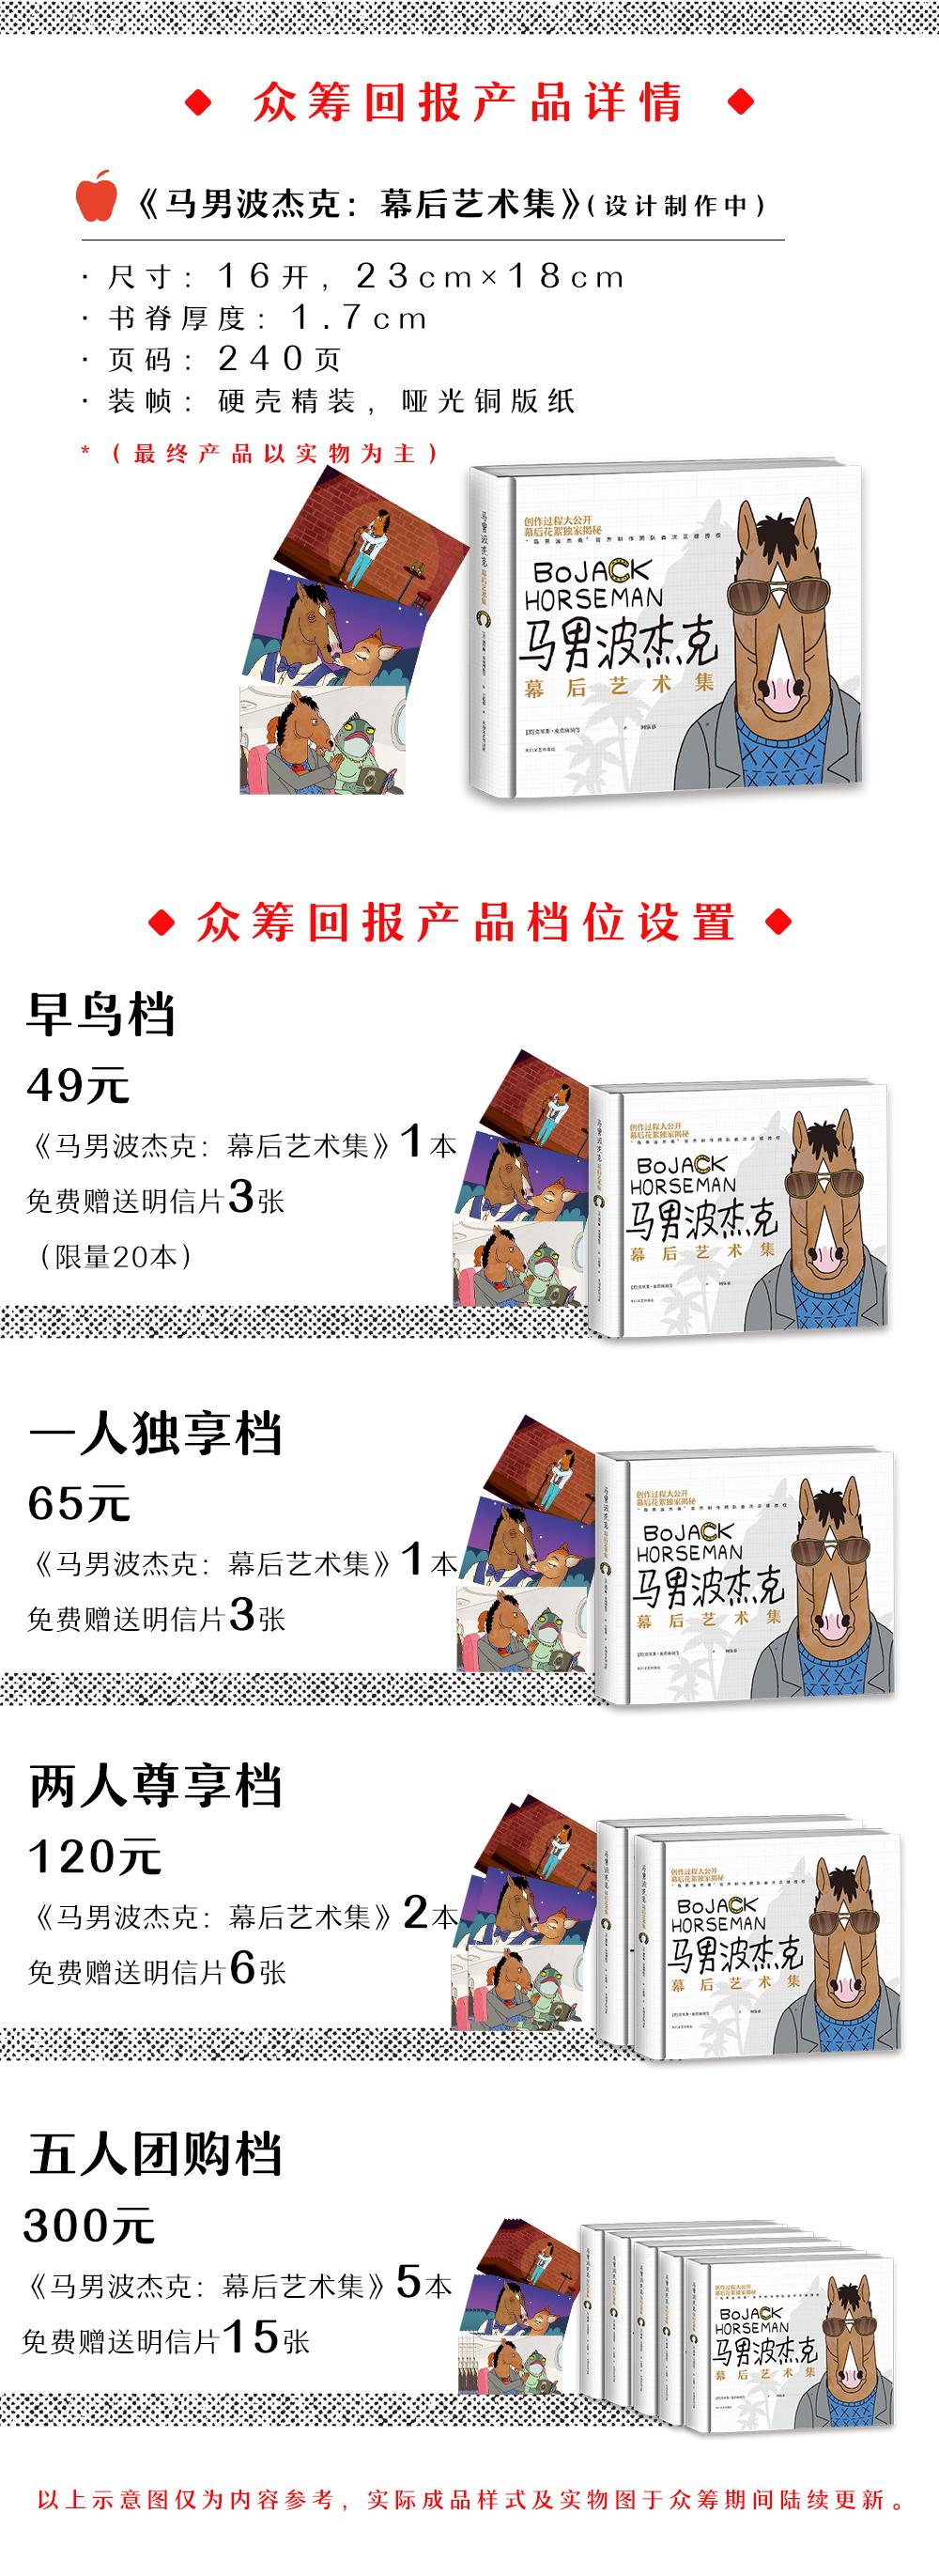 马男切图 (7).jpg